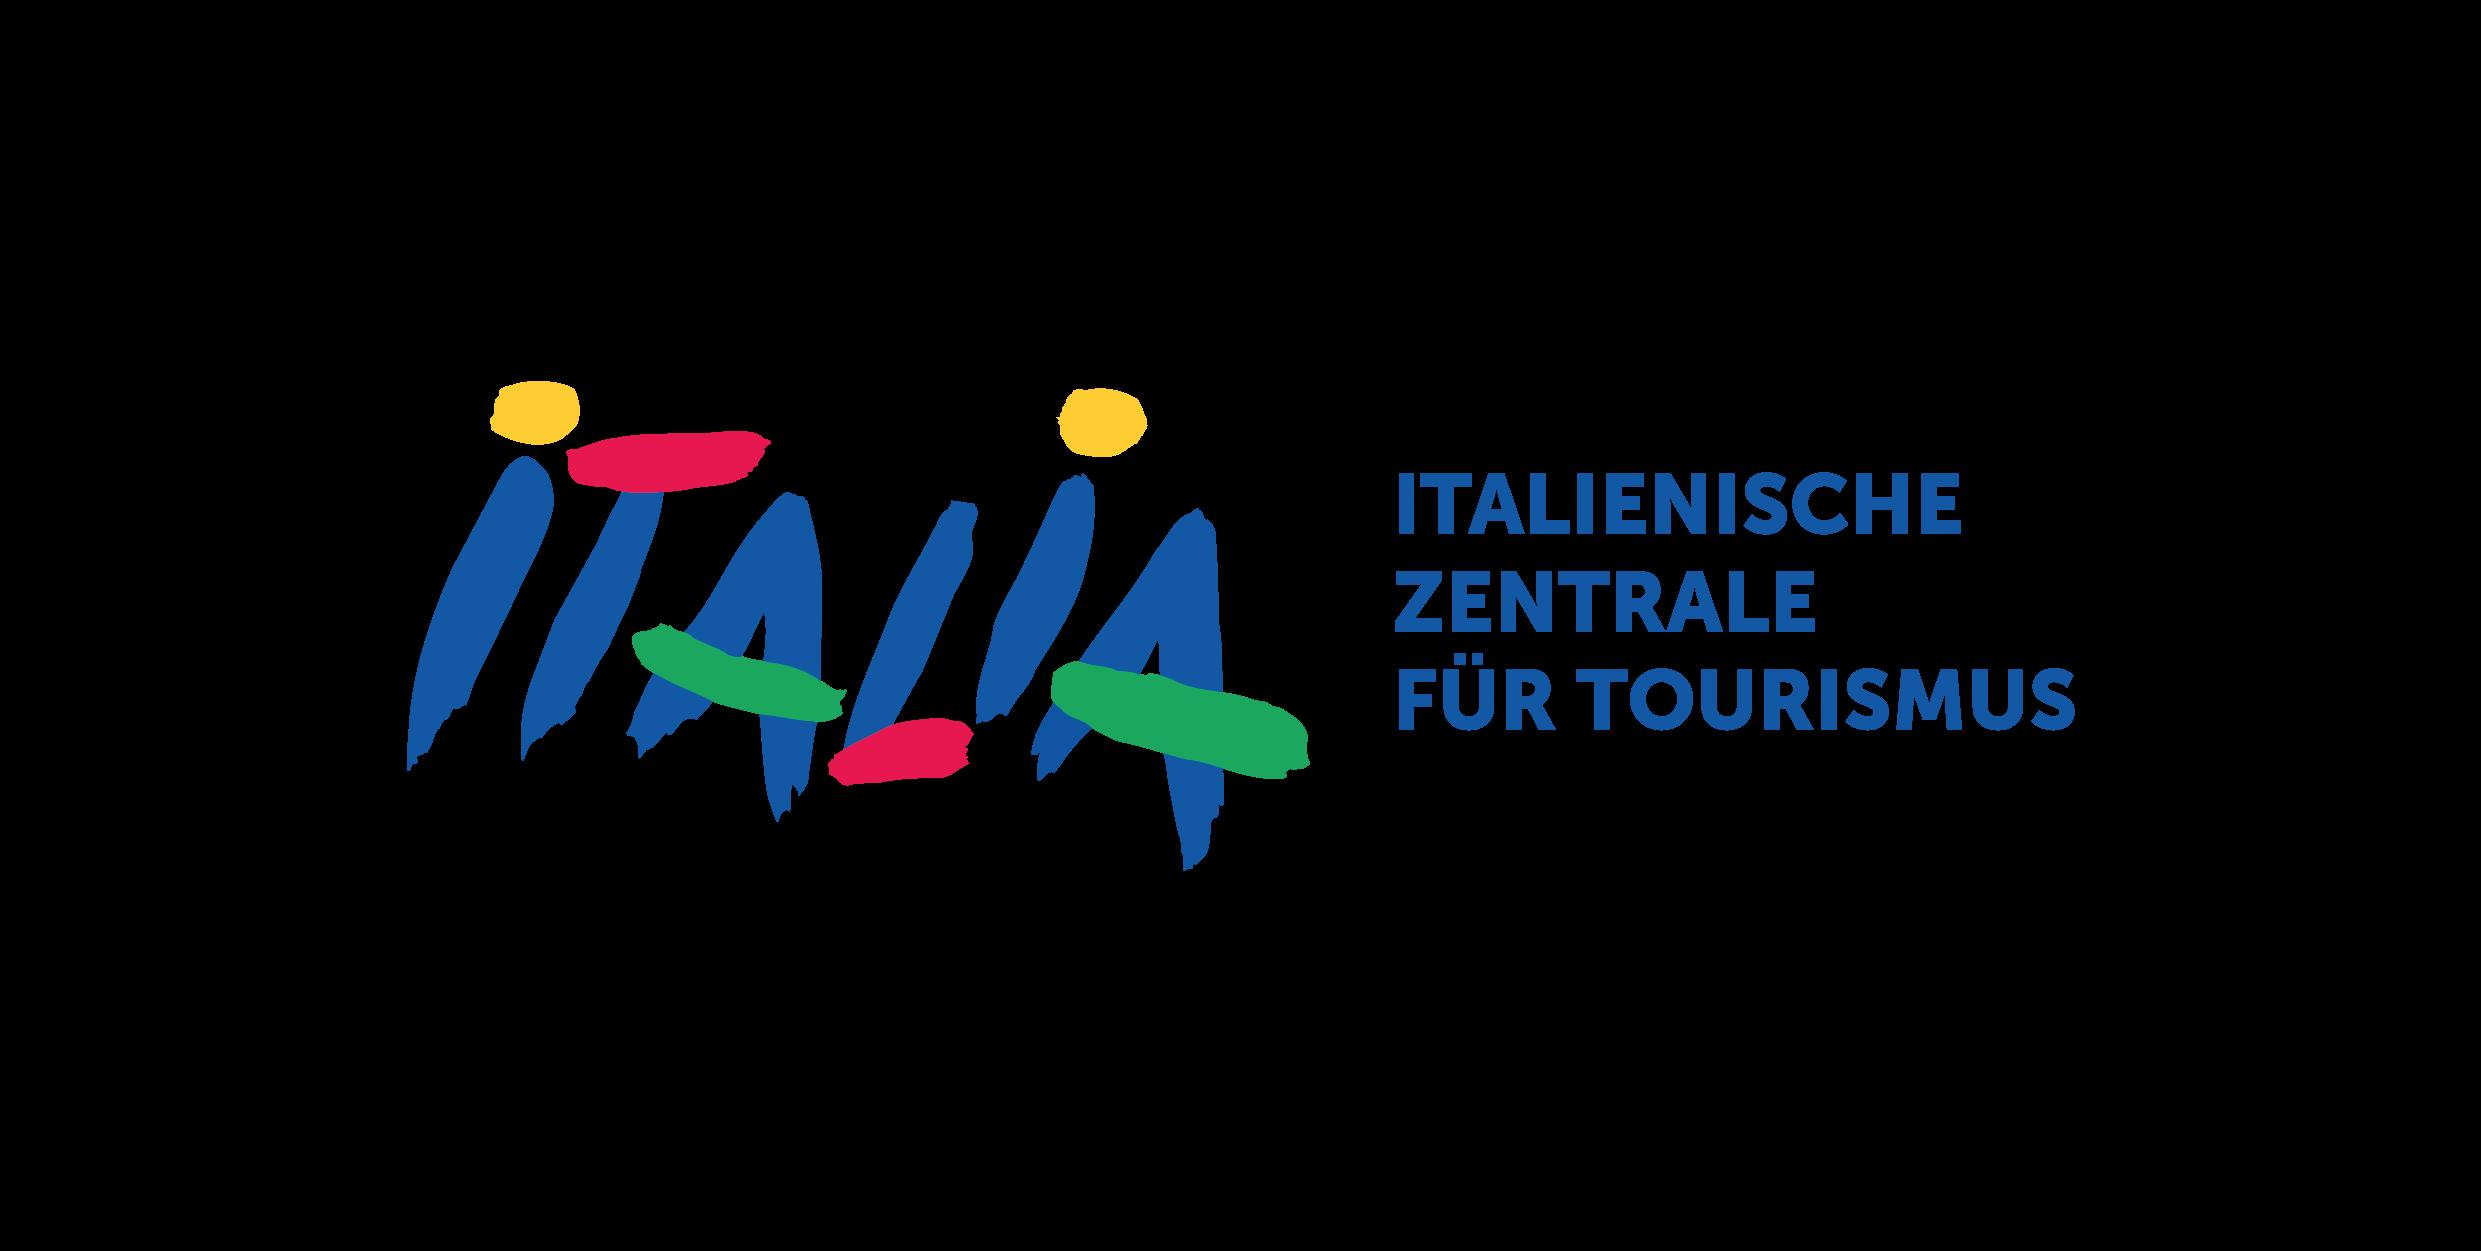 Logo_B2B_Tedesco_2 (1)